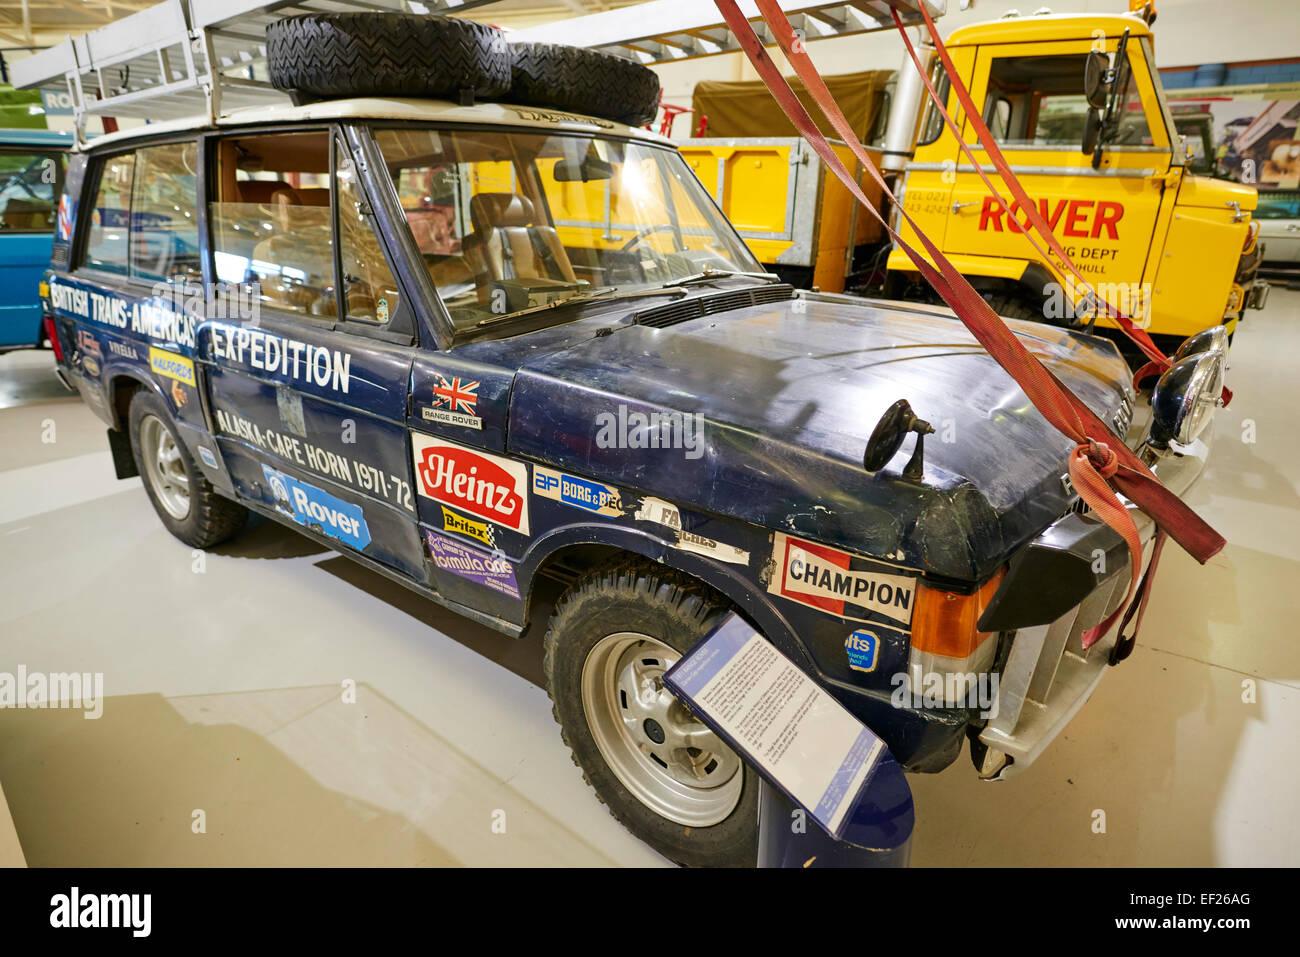 1971 Range Rover Darien Gap spedizione veicolo Heritage Motor Centre Gaydon Warwickshire, Regno Unito Immagini Stock